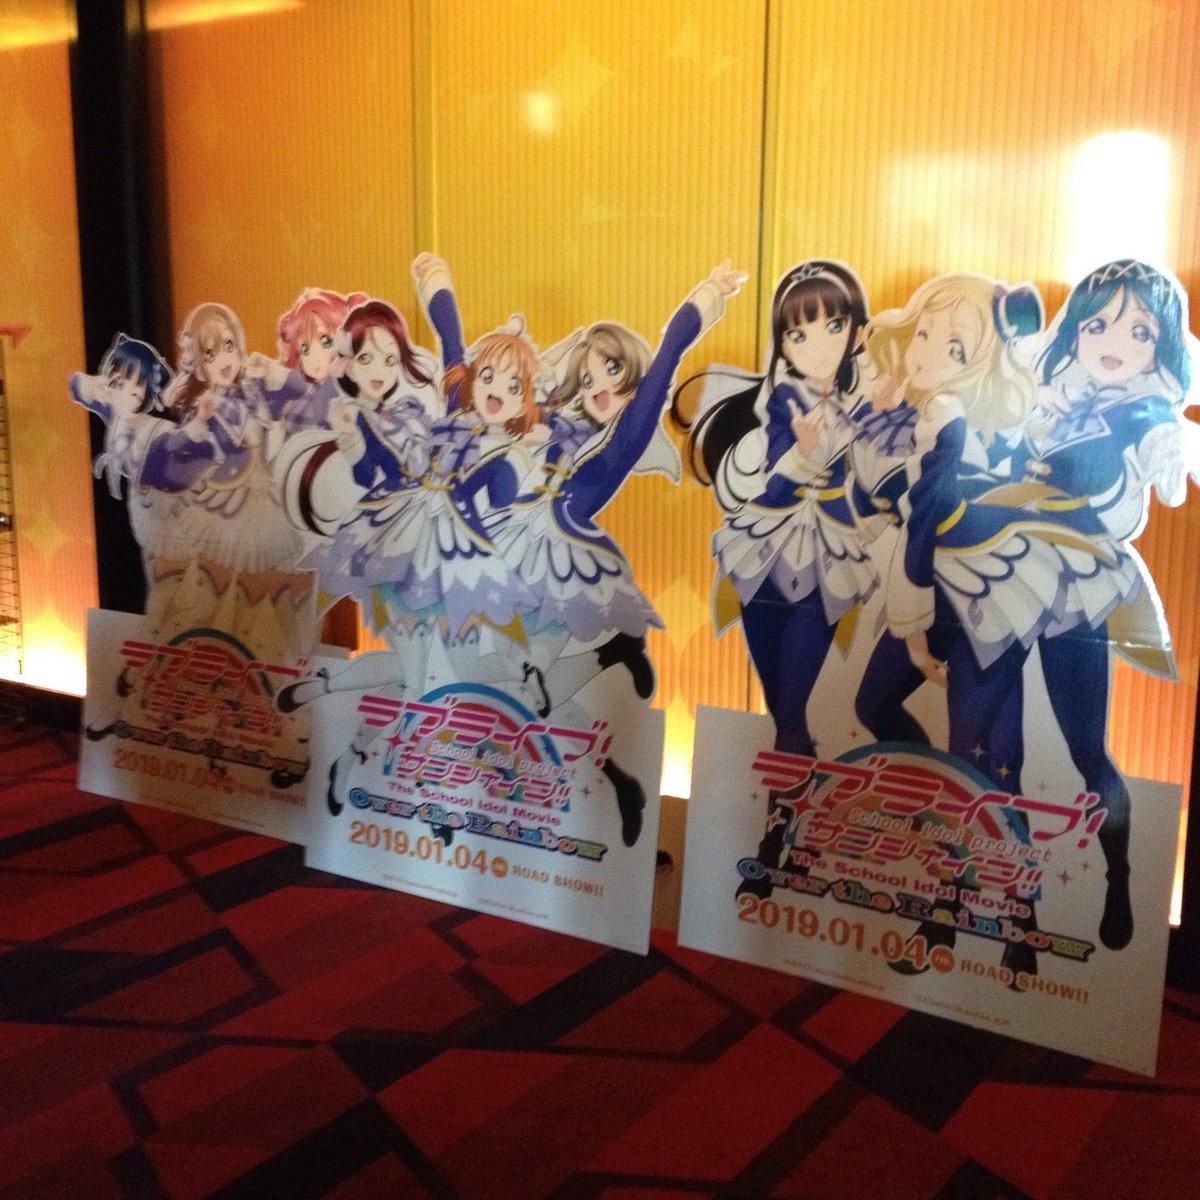 ミッドランドスクエアシネマ 映画「ラブライブ!サンシャイン!! The School Idol Movie Over the Rainbow」(2)